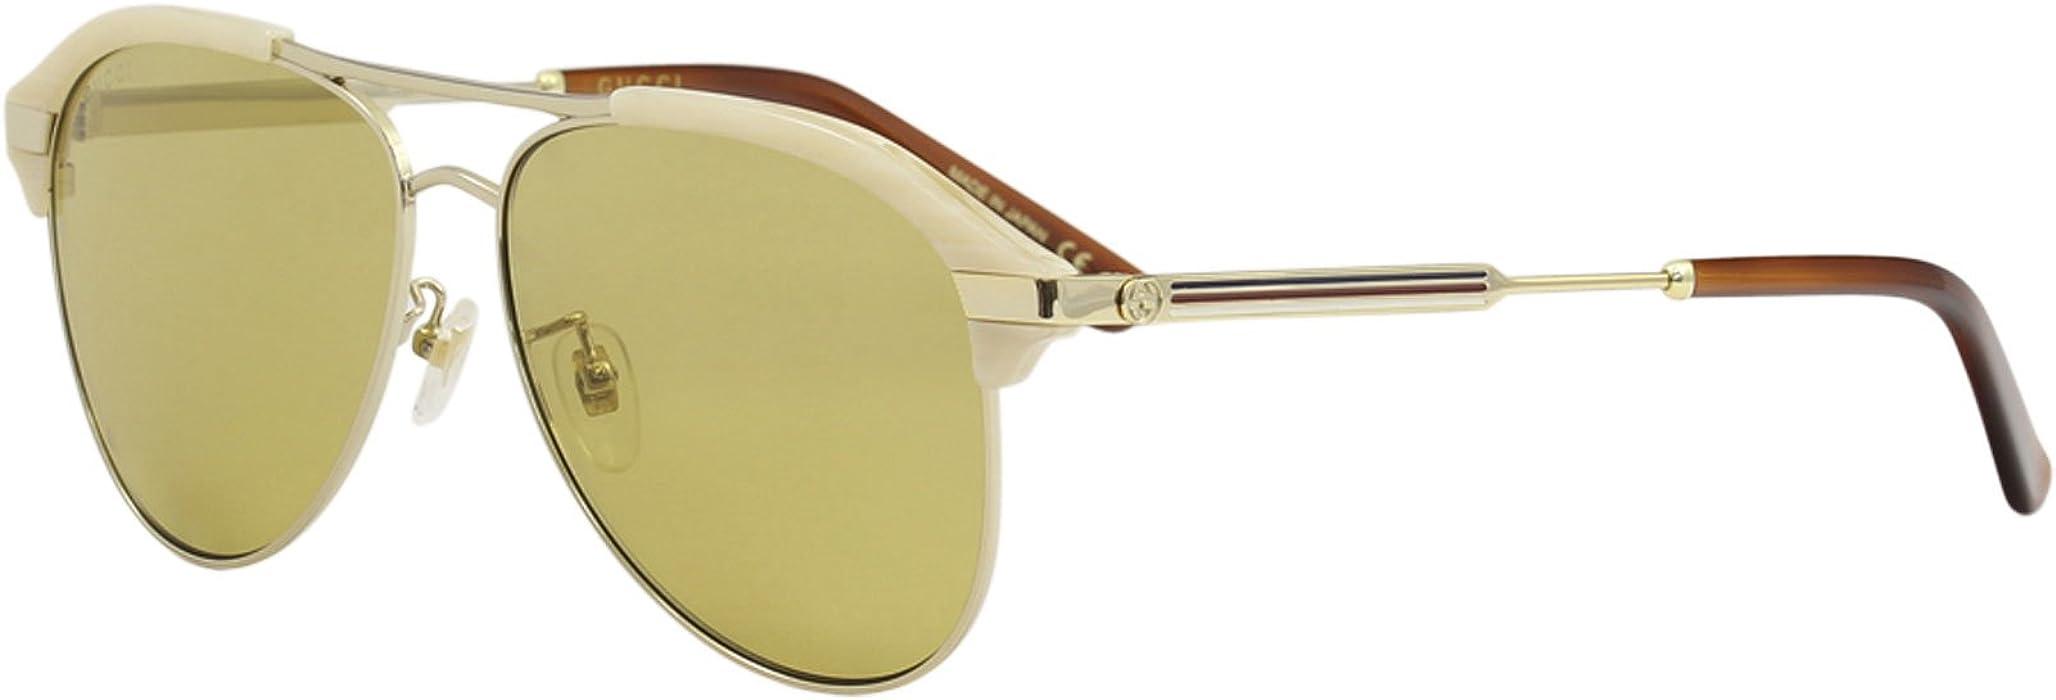 bab8d3fae3818 Amazon.com  Gucci Brown Aviator Sunglasses GG0288SA-004 60  Clothing